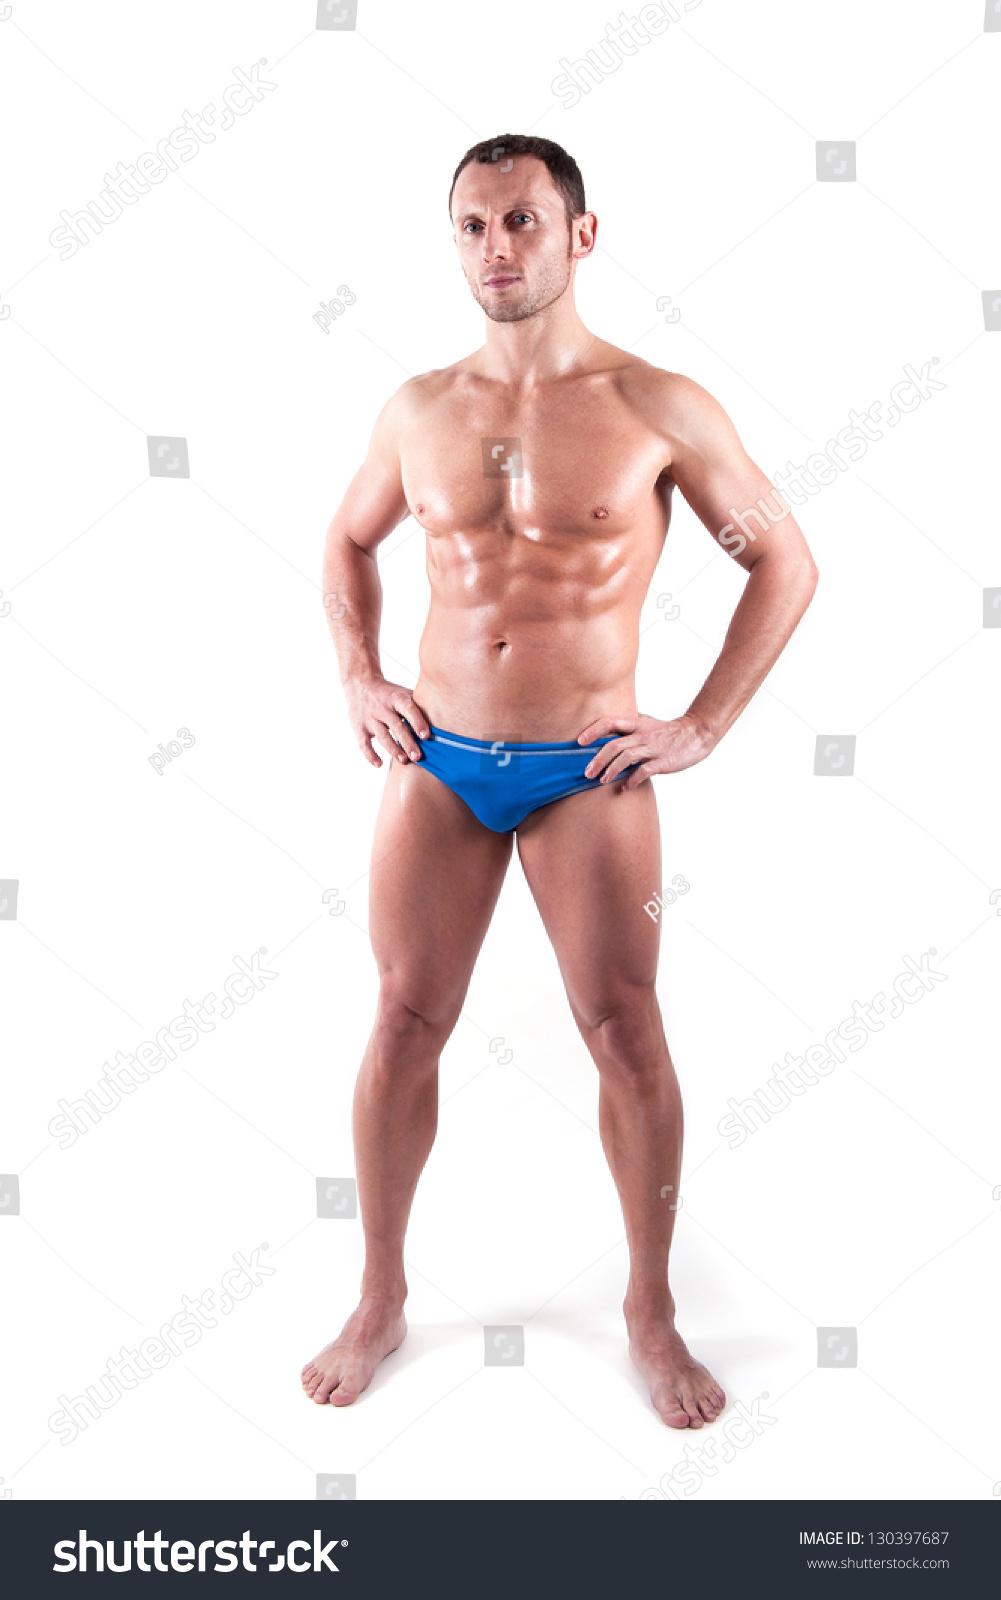 men wearing women's bikini